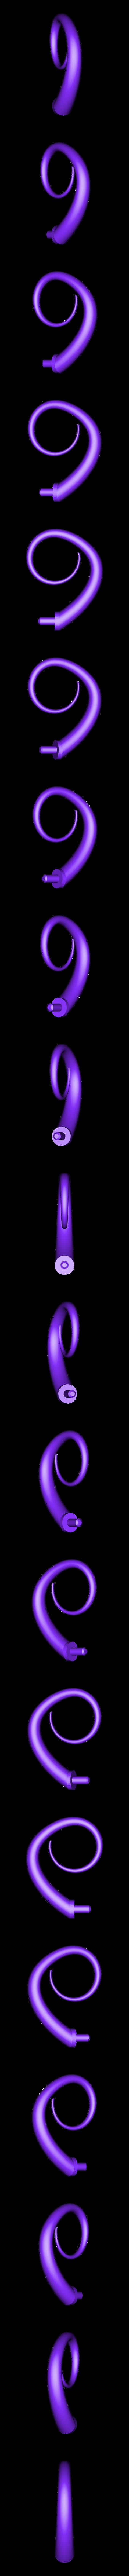 octopurse_arm_3.stl Télécharger fichier STL gratuit Porte-monnaie électronique • Design pour imprimante 3D, Fydroy